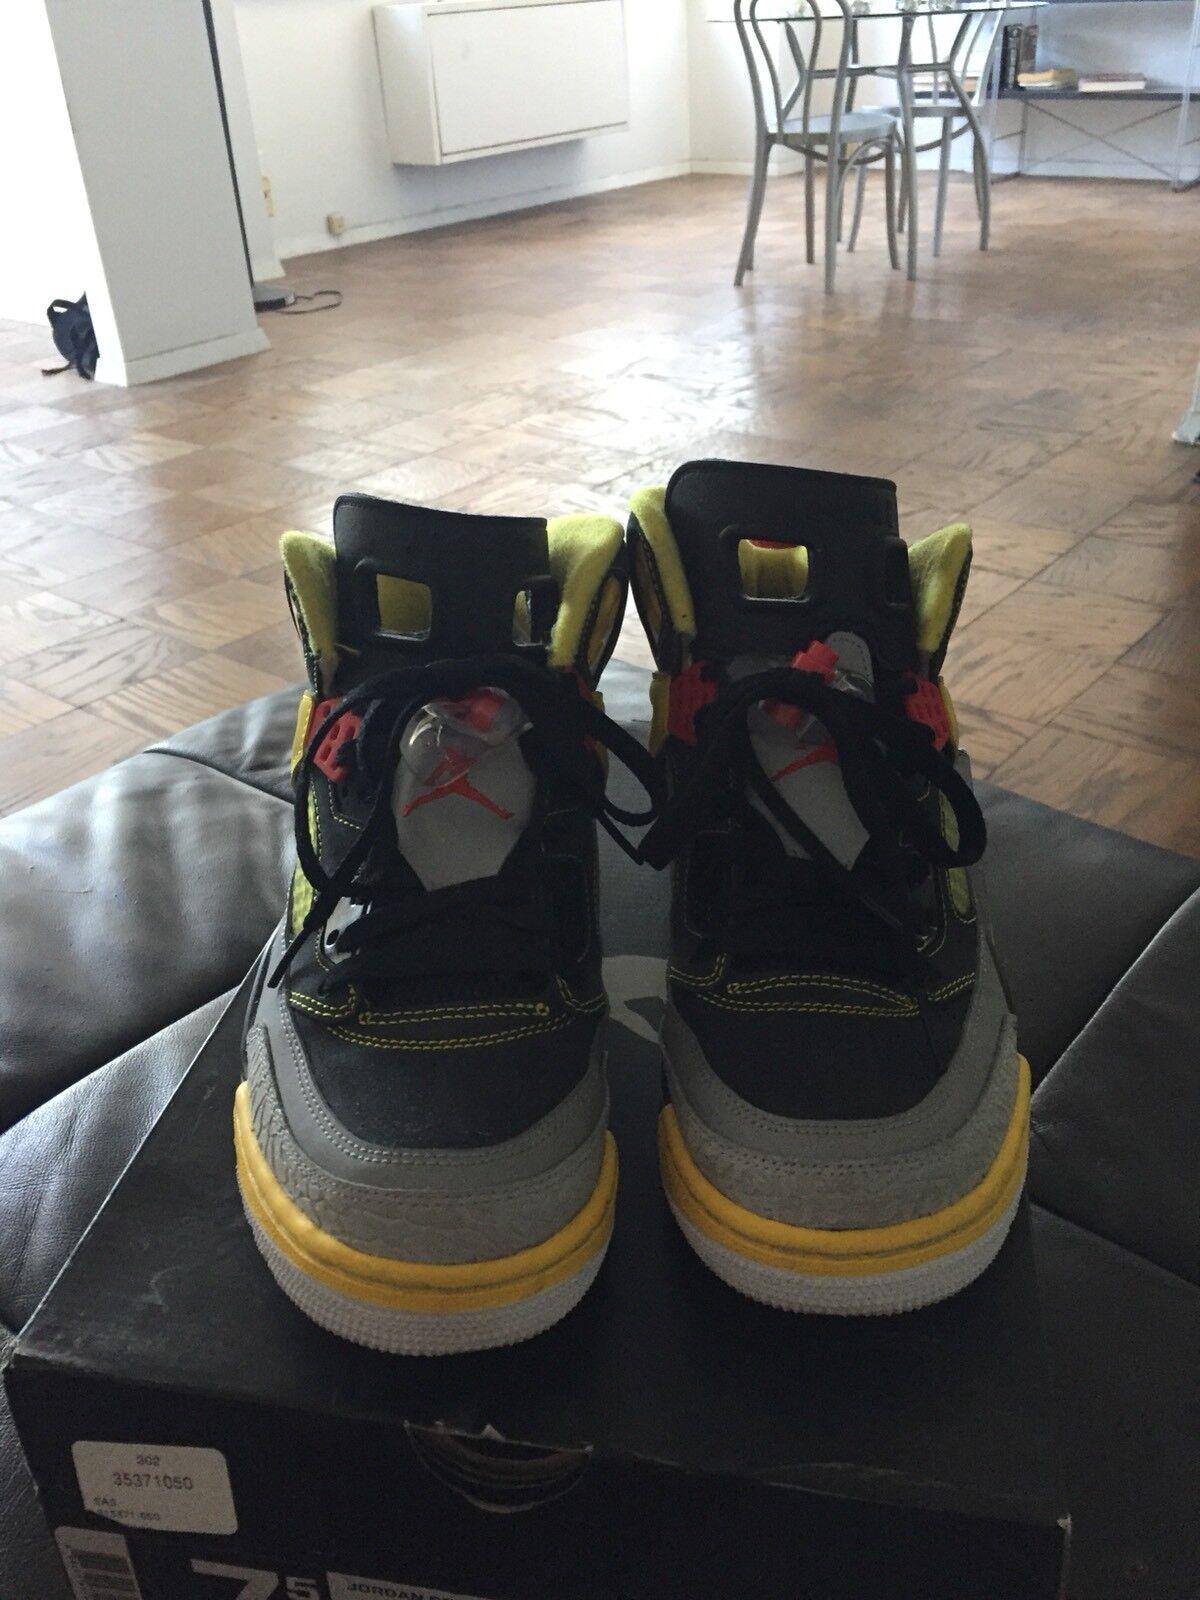 Nike Air Jordan Spizikes  Cheap and fashionable